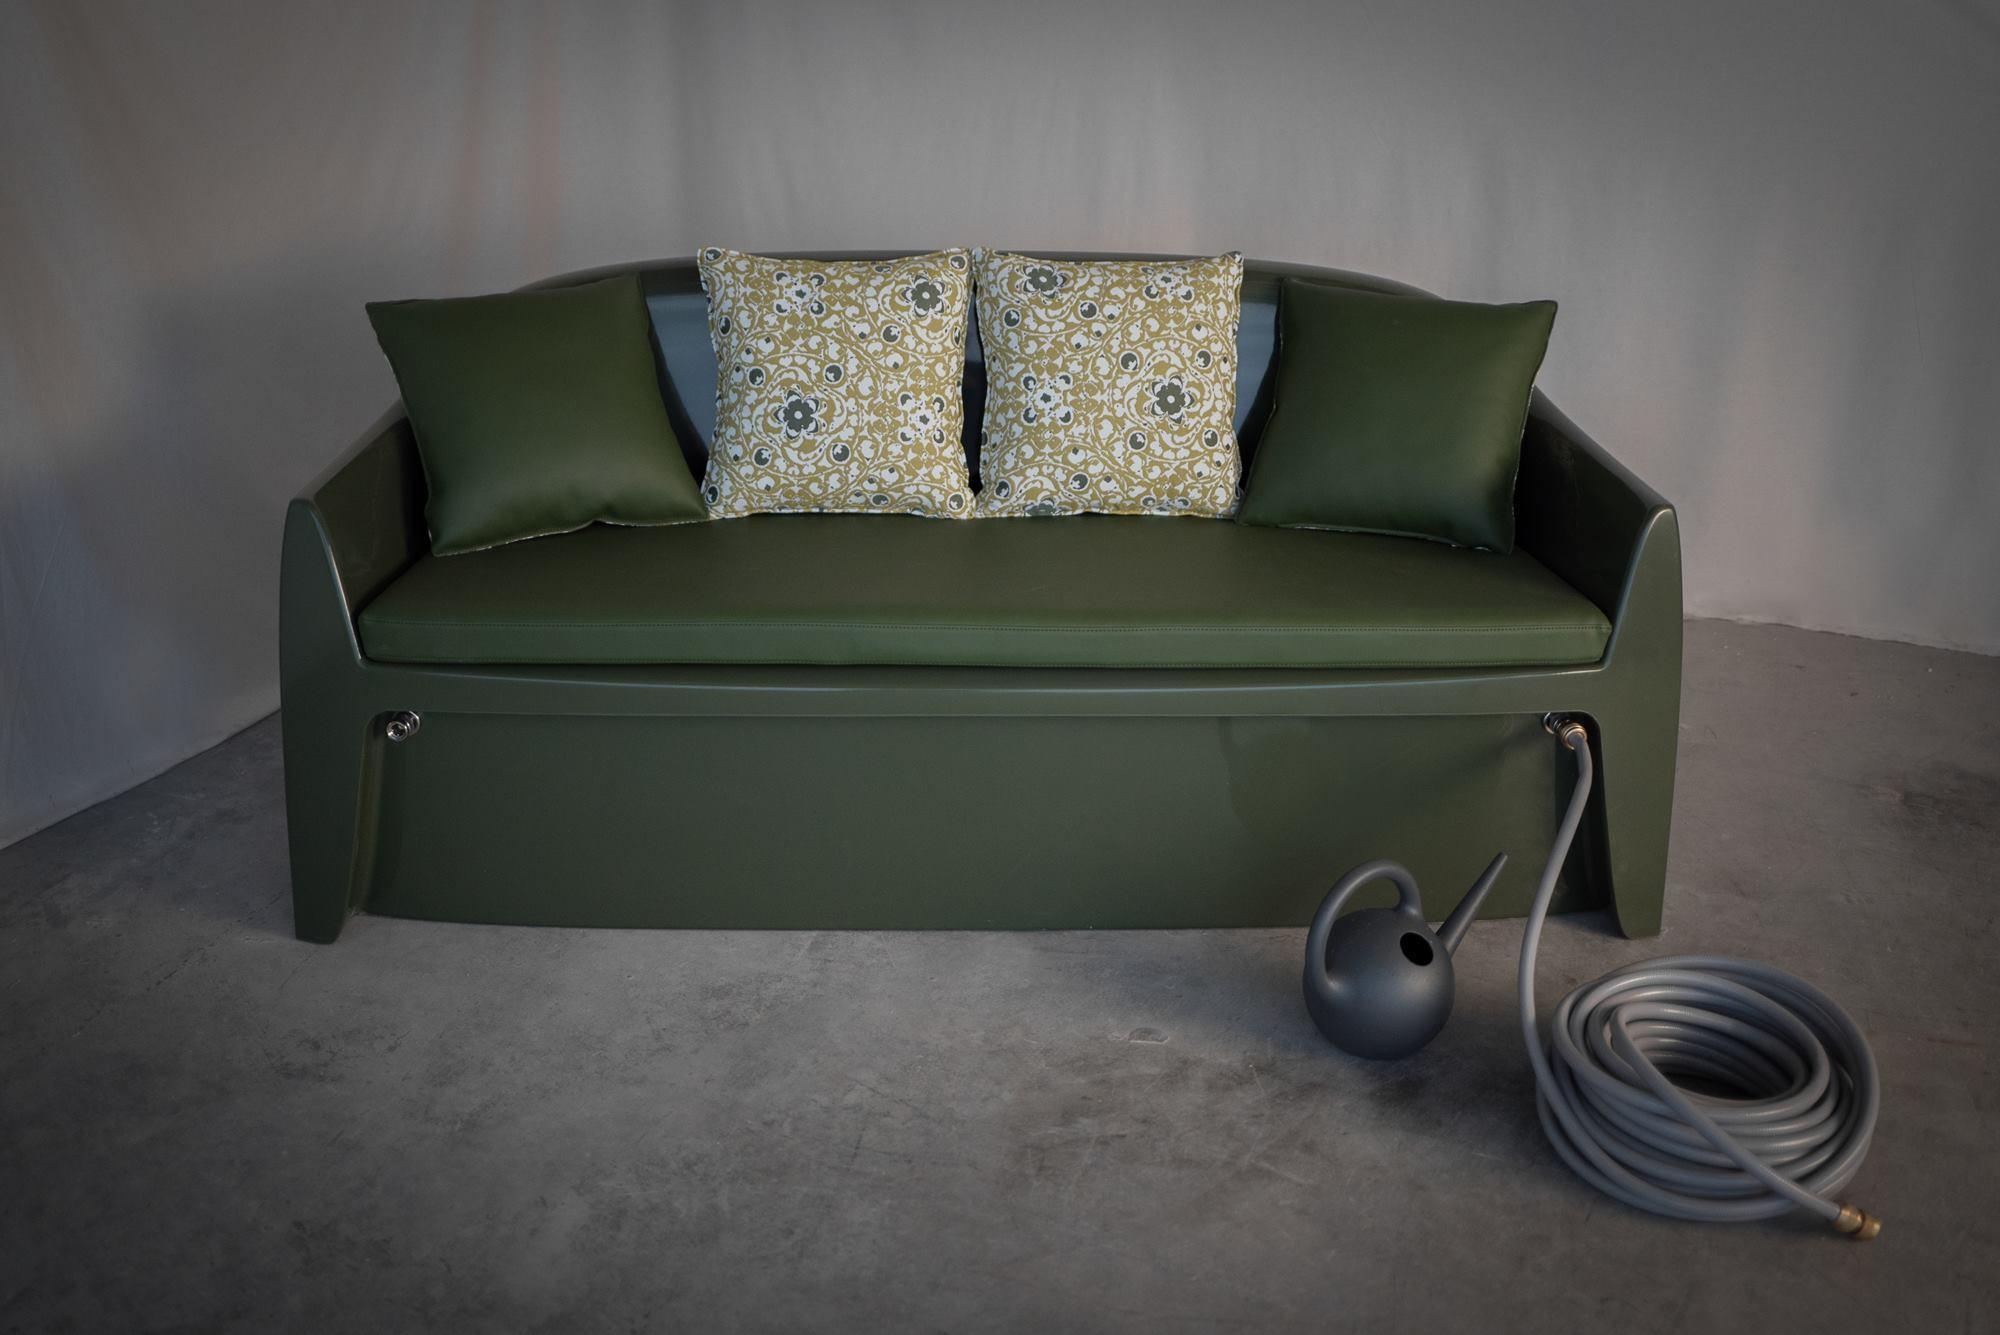 canapé extérieur en composite marque Rainbeau